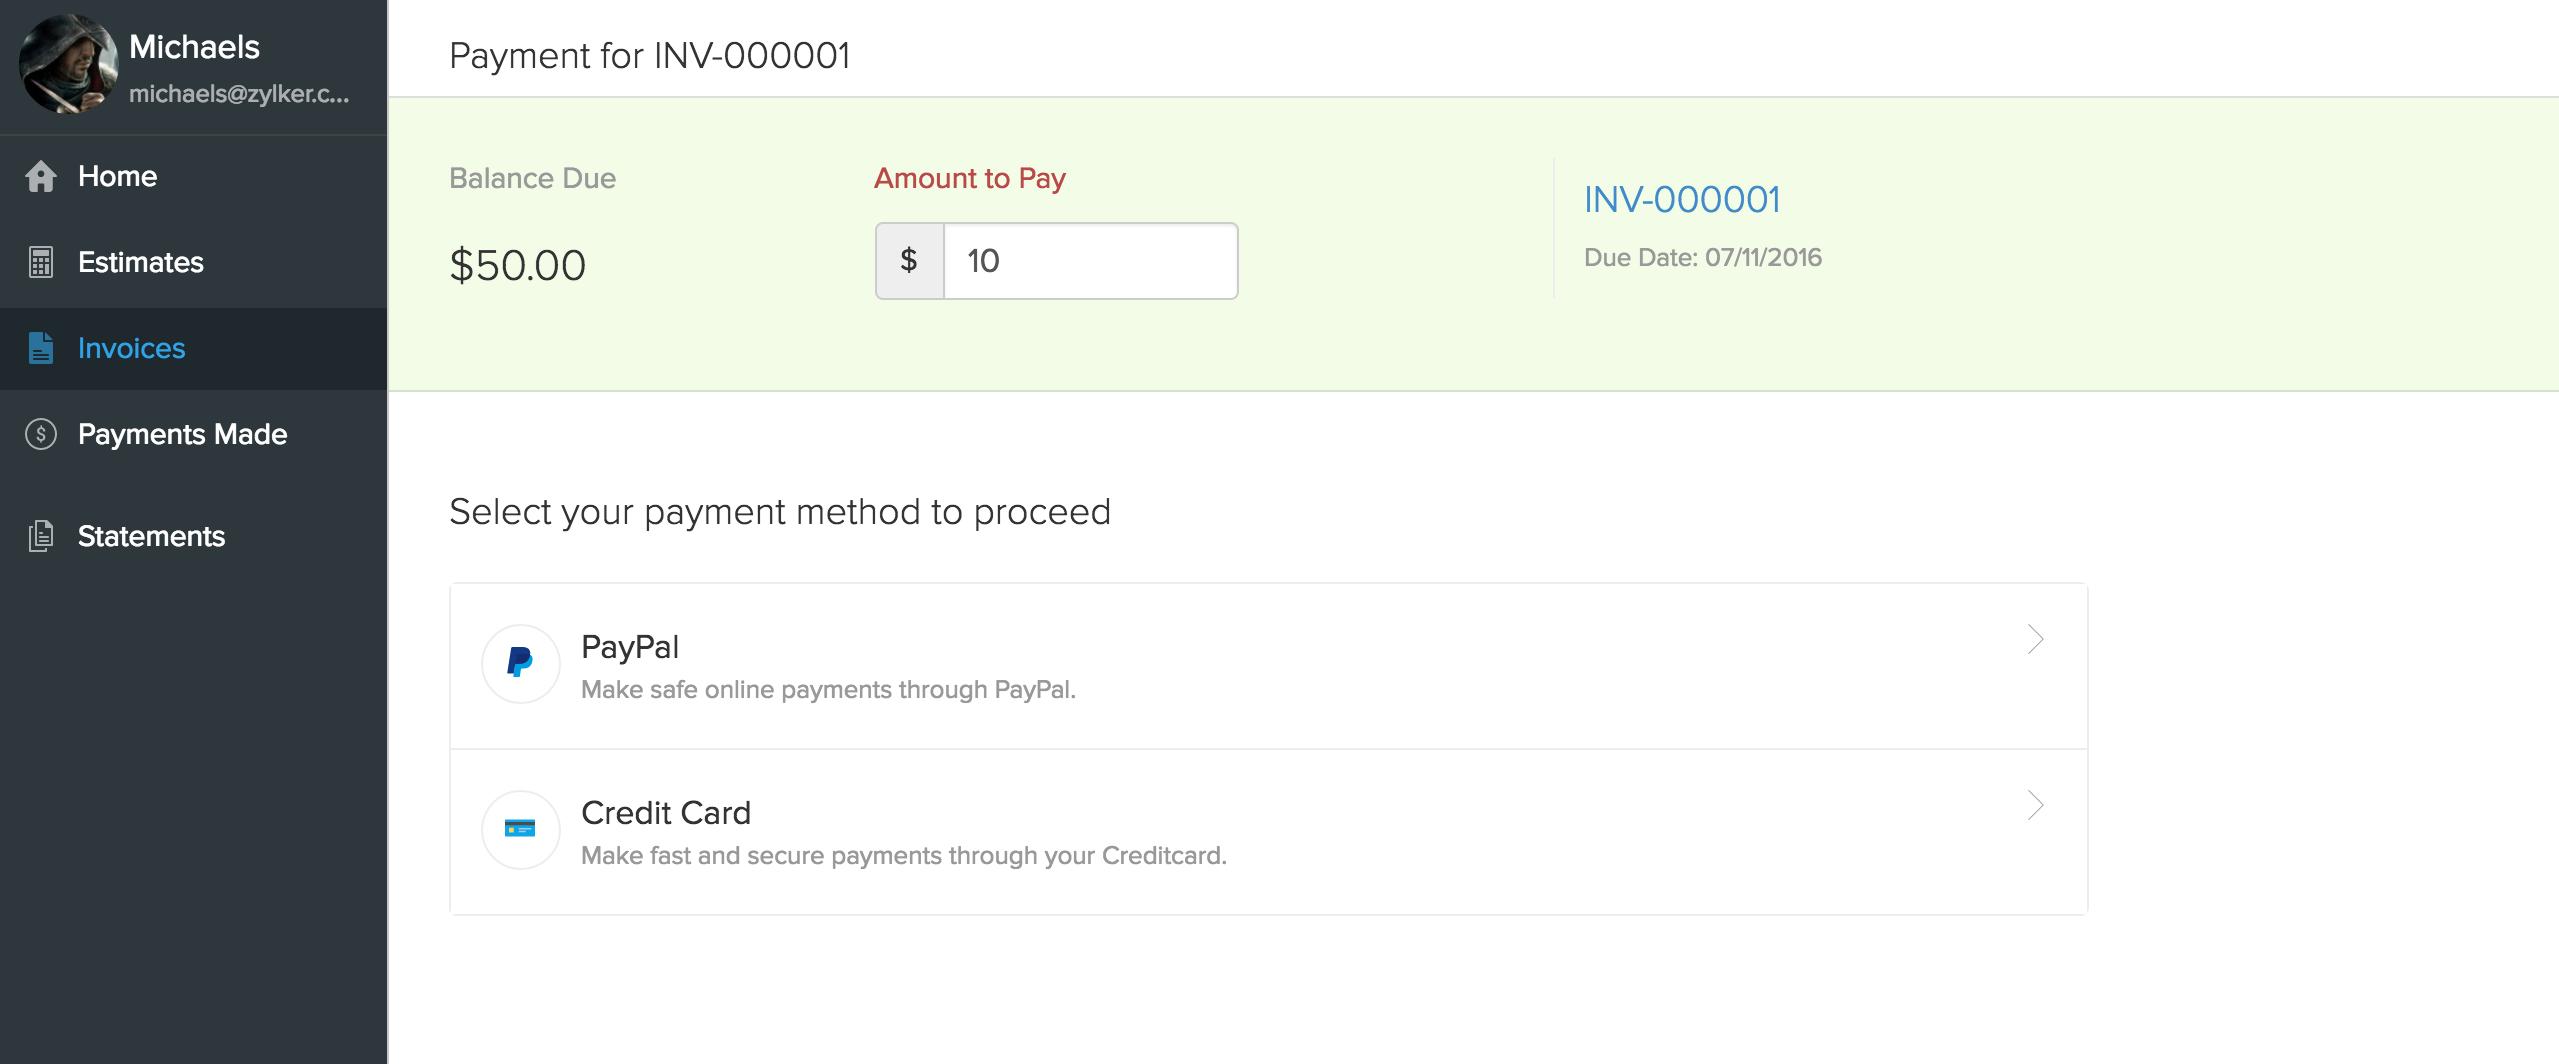 Payment Gateway screen